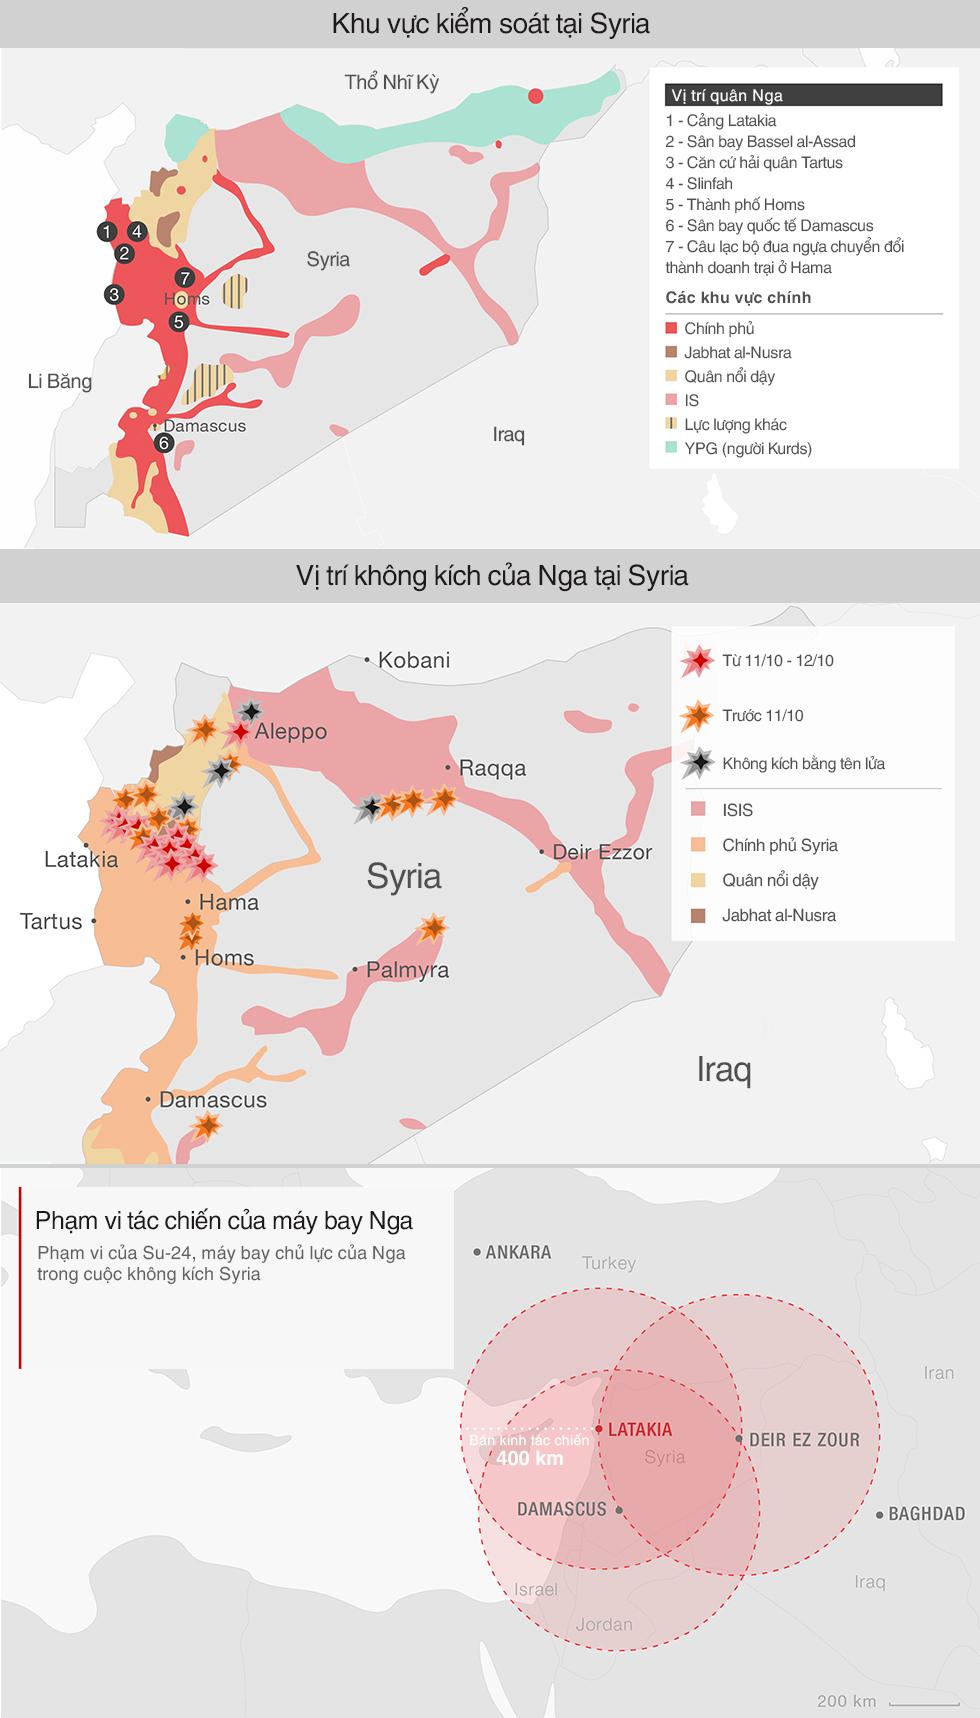 Mật độ oanh tạc và vị trí quân Nga tại Syria